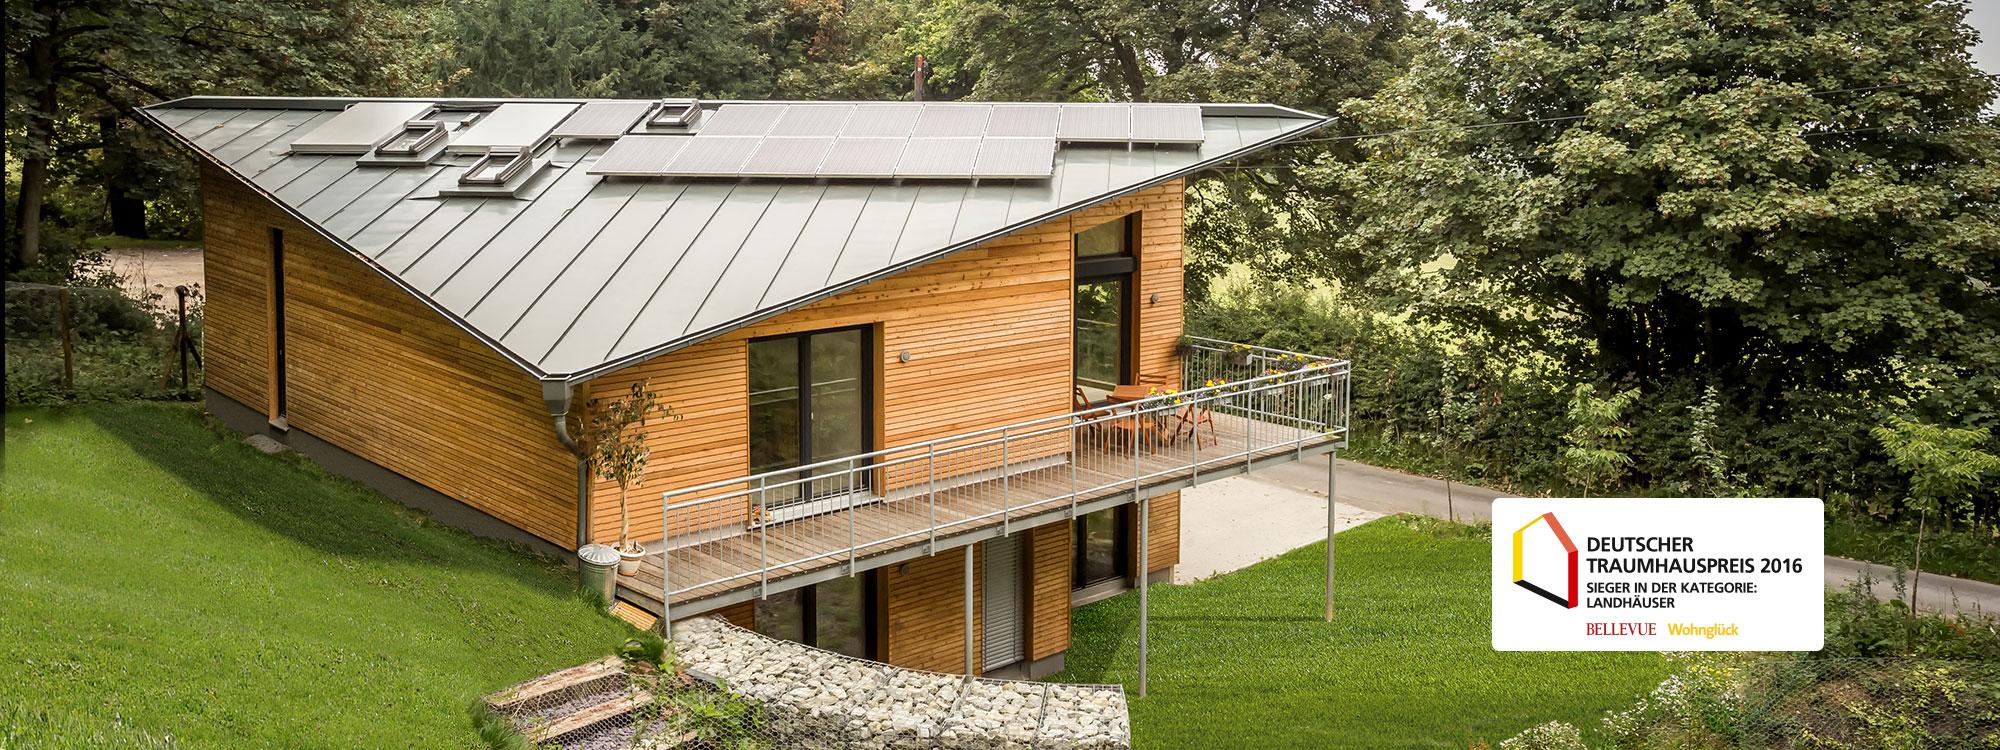 Ein Holzhaus der Firma Gruber überzeugt durch Qualität, Energieeffizienz und Zukunftssicherheit.